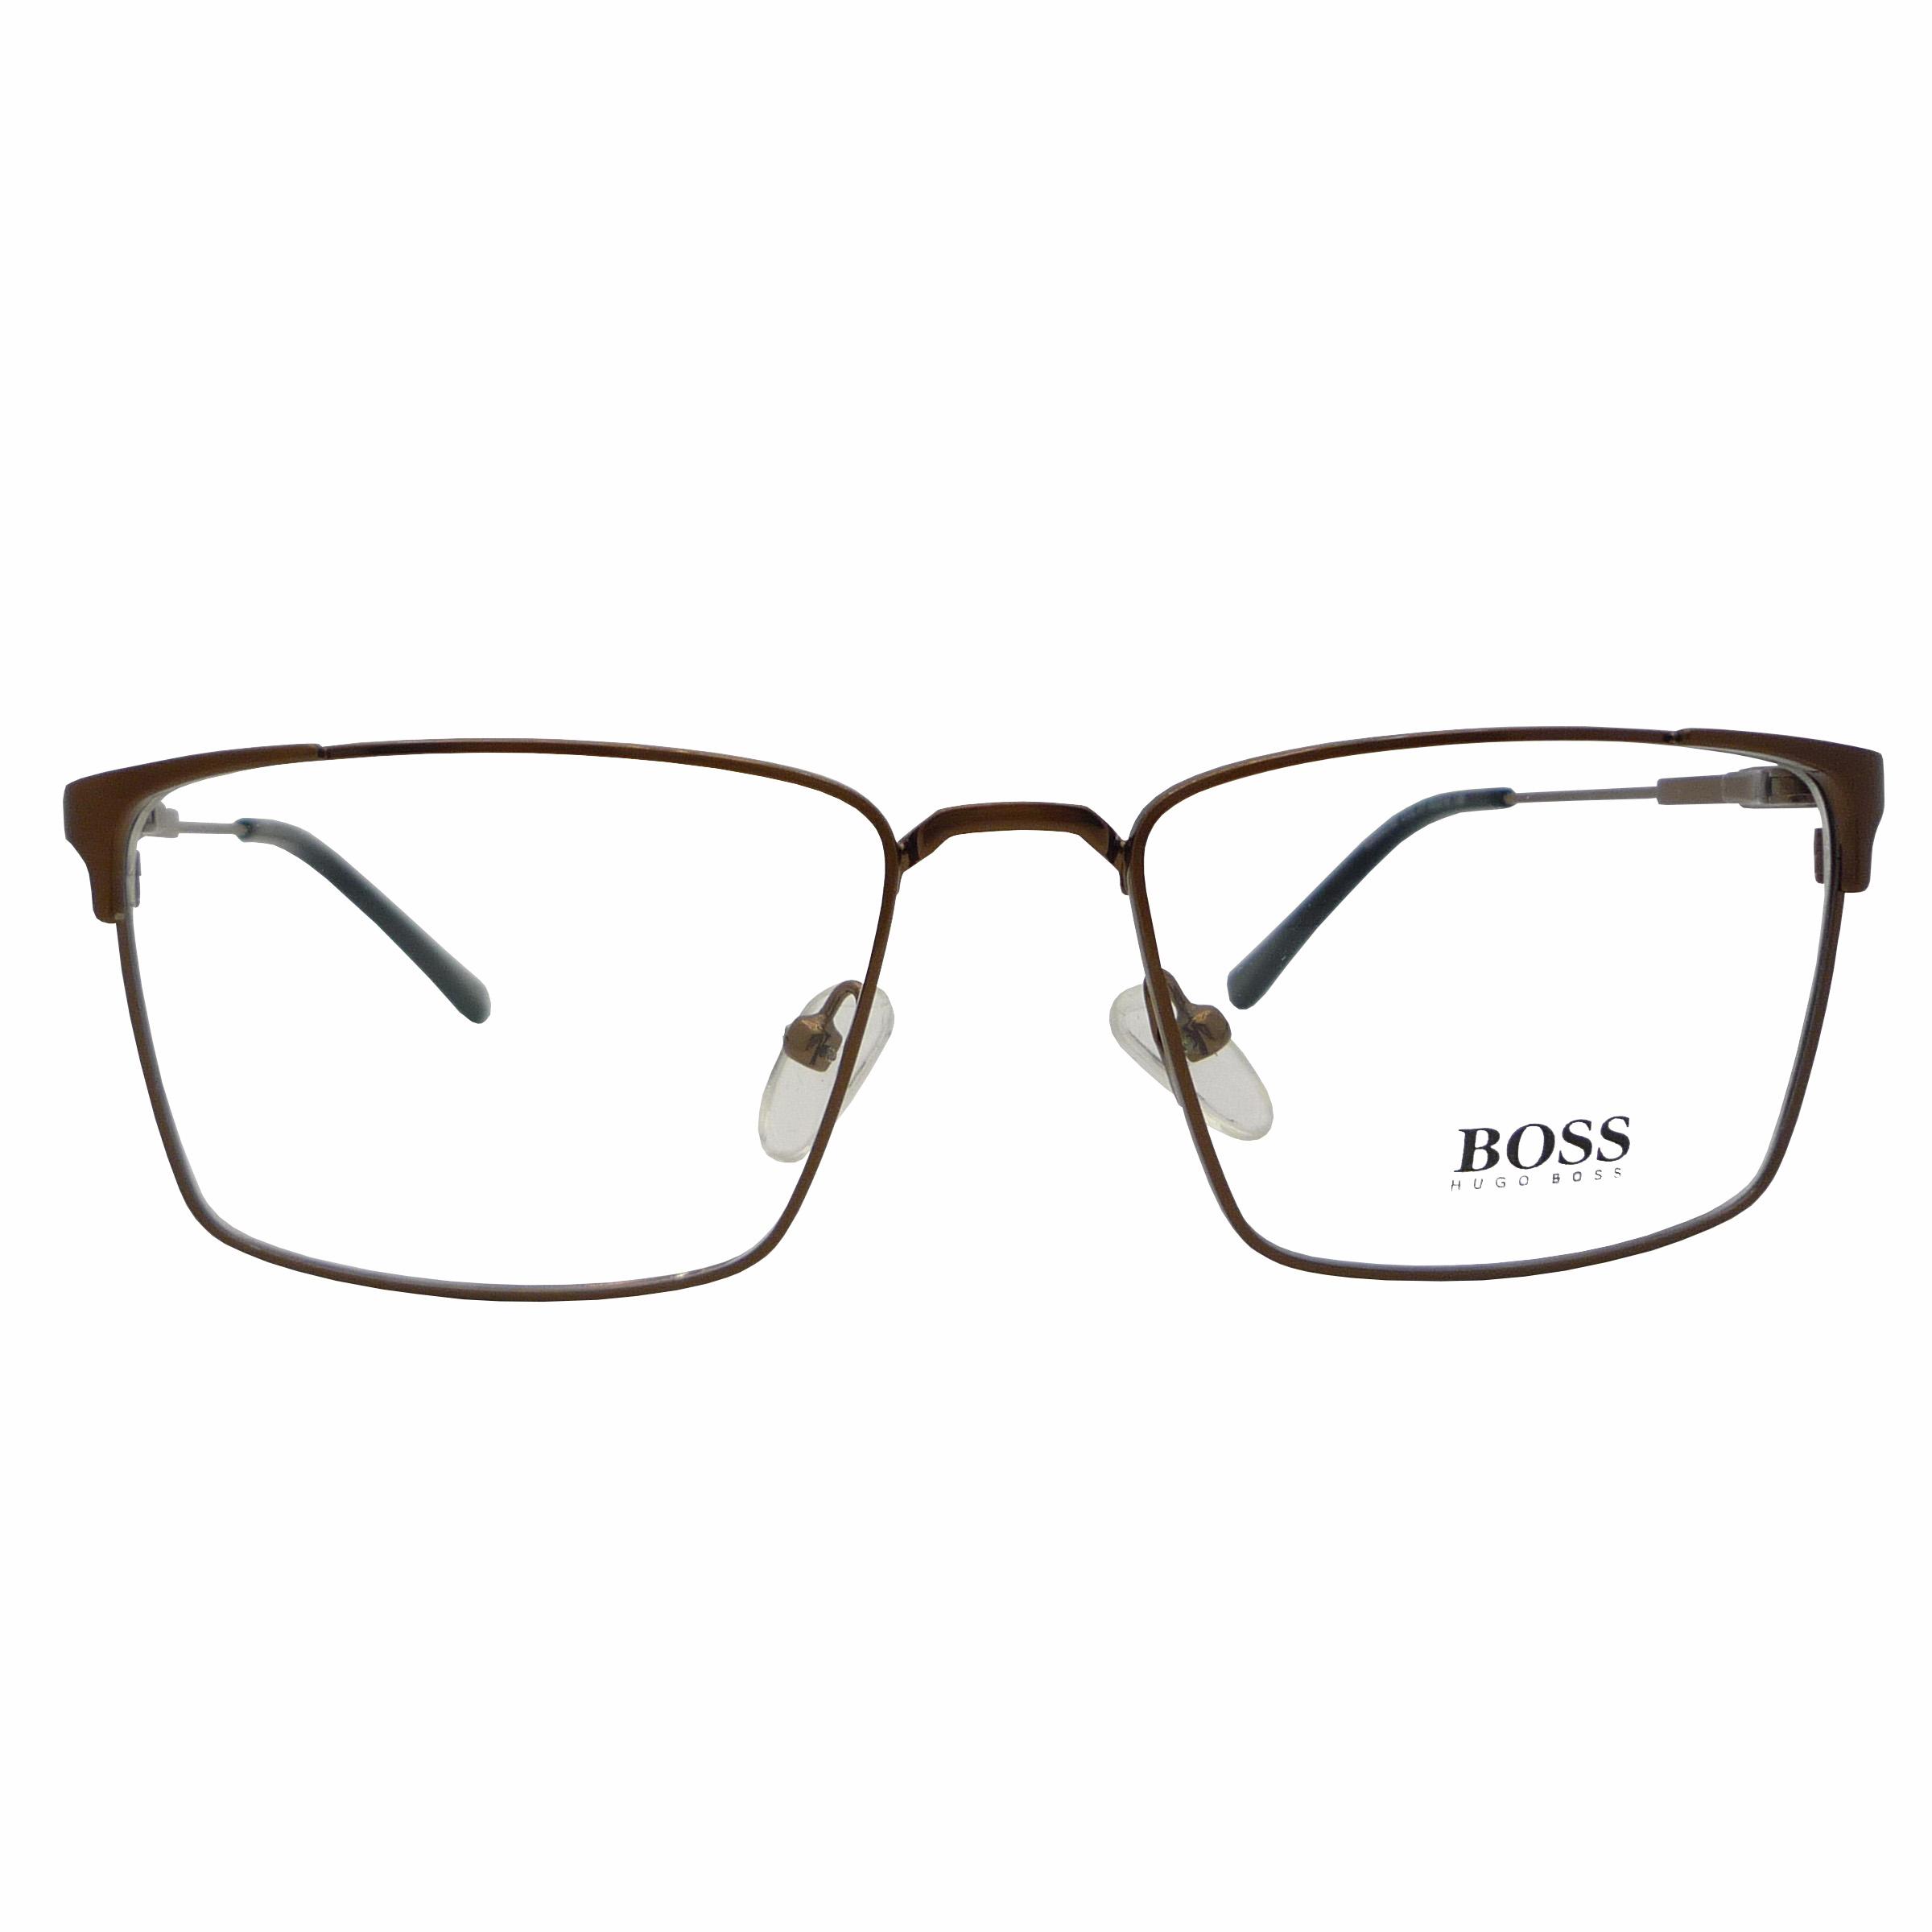 فریم عینک طبی هوگو باس مدل T2008-45560239C7